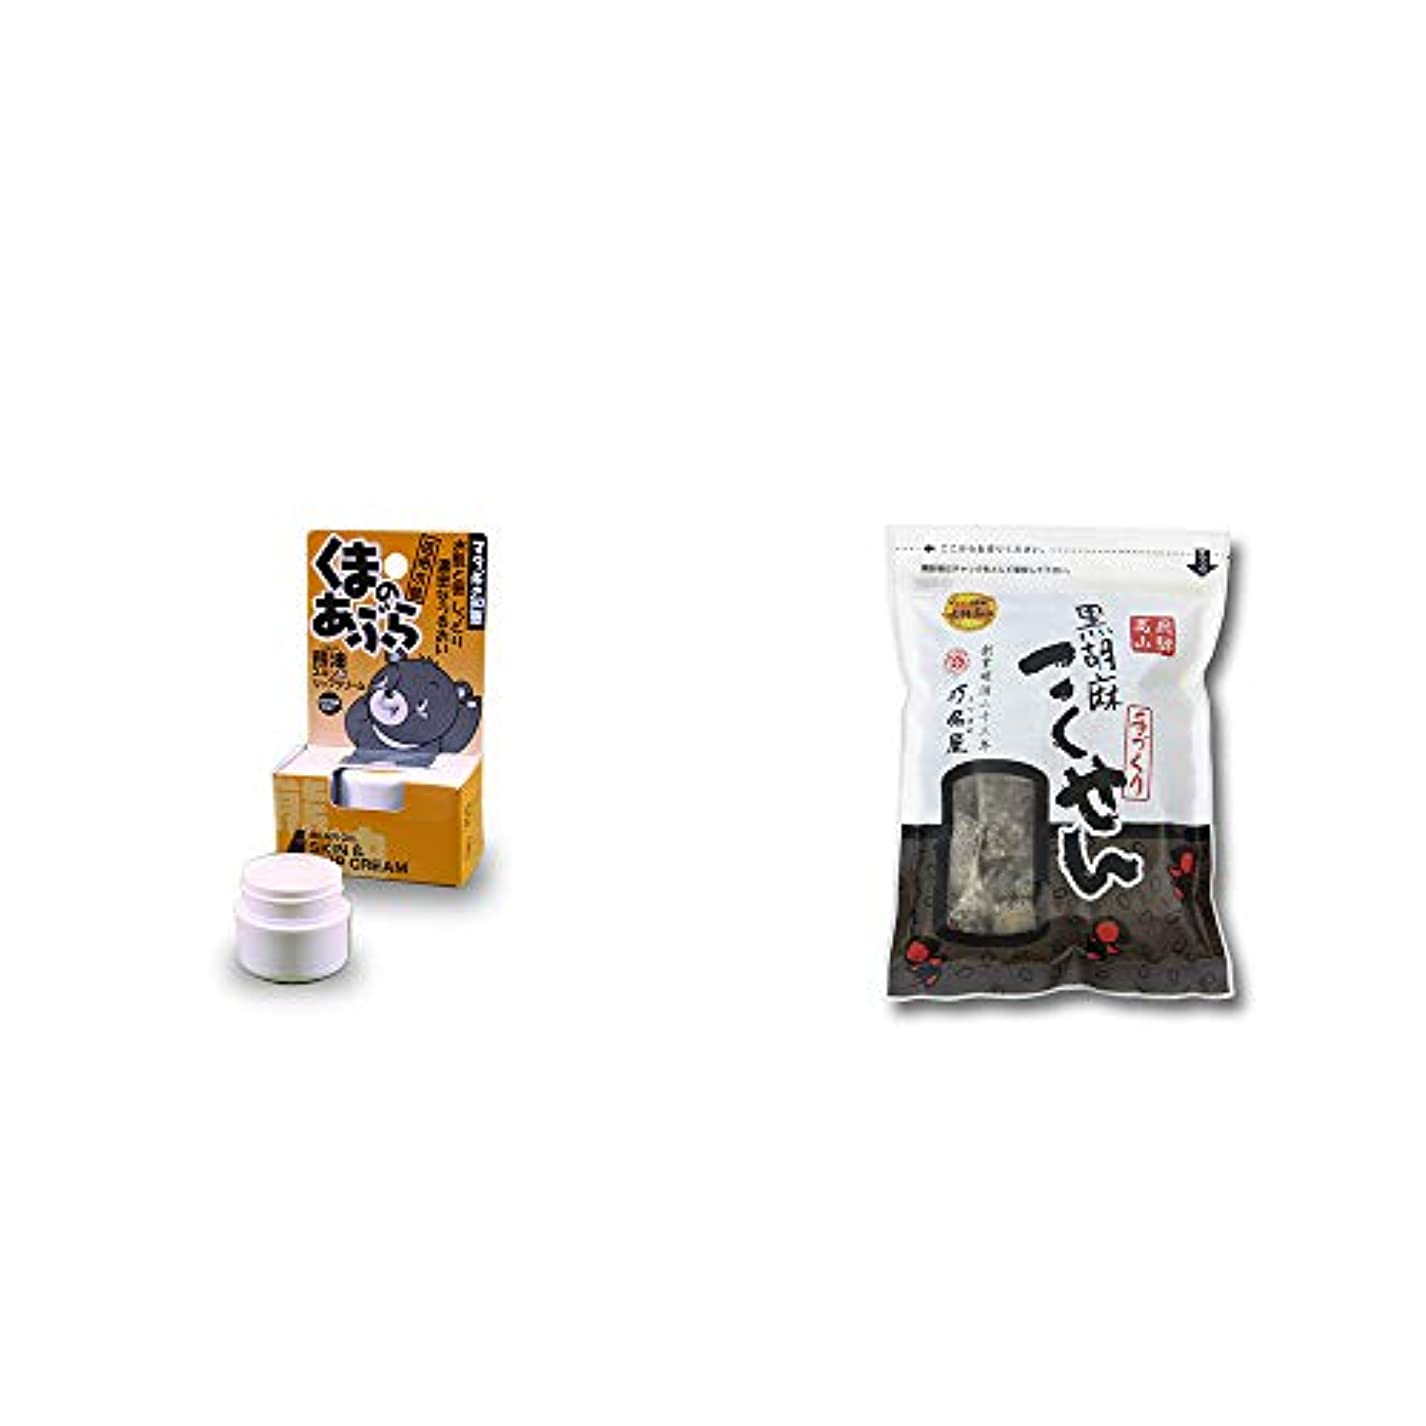 見つける現代のアトラス[2点セット] 信州木曽 くまのあぶら 熊油スキン&リップクリーム(9g)?飛騨 打保屋 駄菓子 げんこつきなこ(250g)